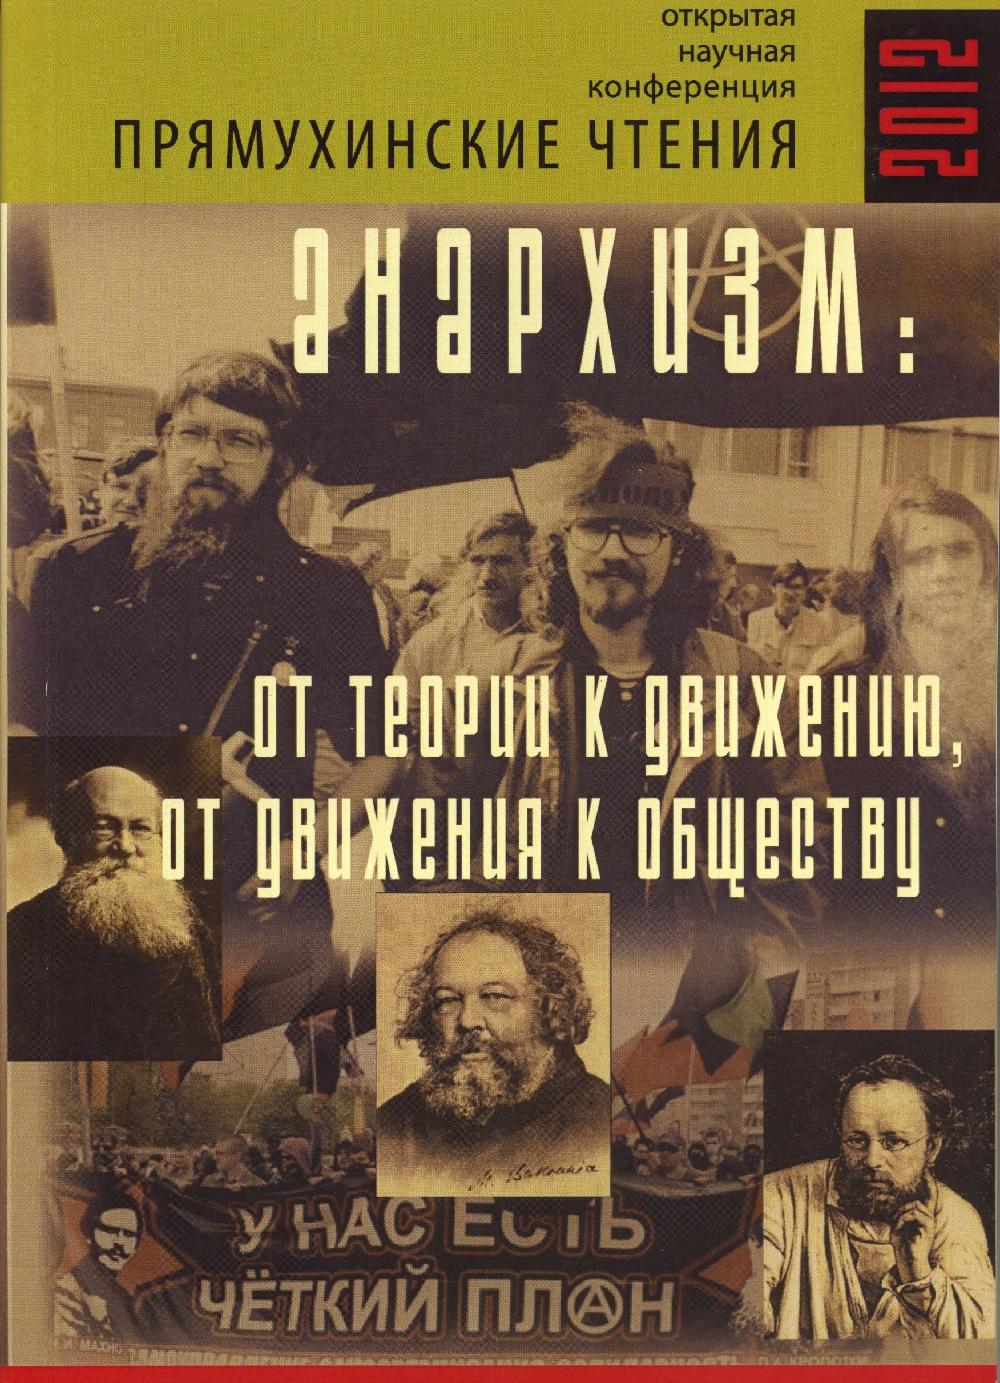 Анархизм: От теории к движению, от движения к обществу (Прямухинские чтения - 2012)